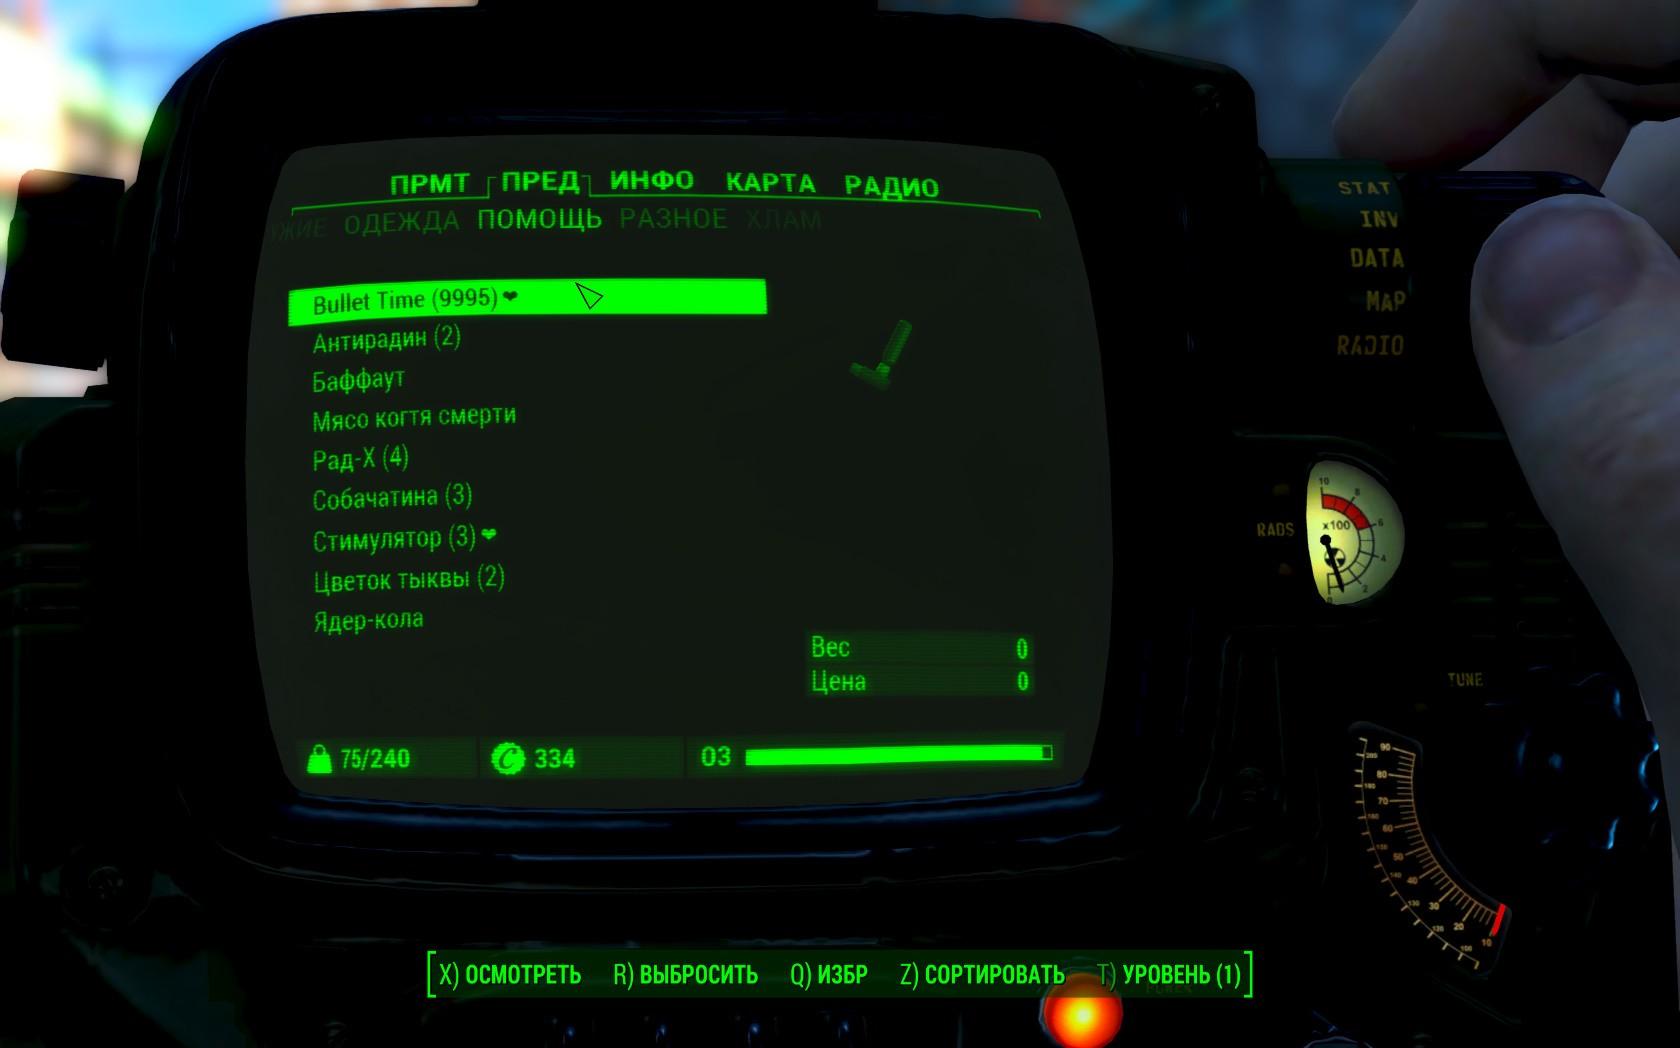 Замедление времени ☢ Bullet Time ☢ v0.7 для Fallout 4 - Скриншот 2